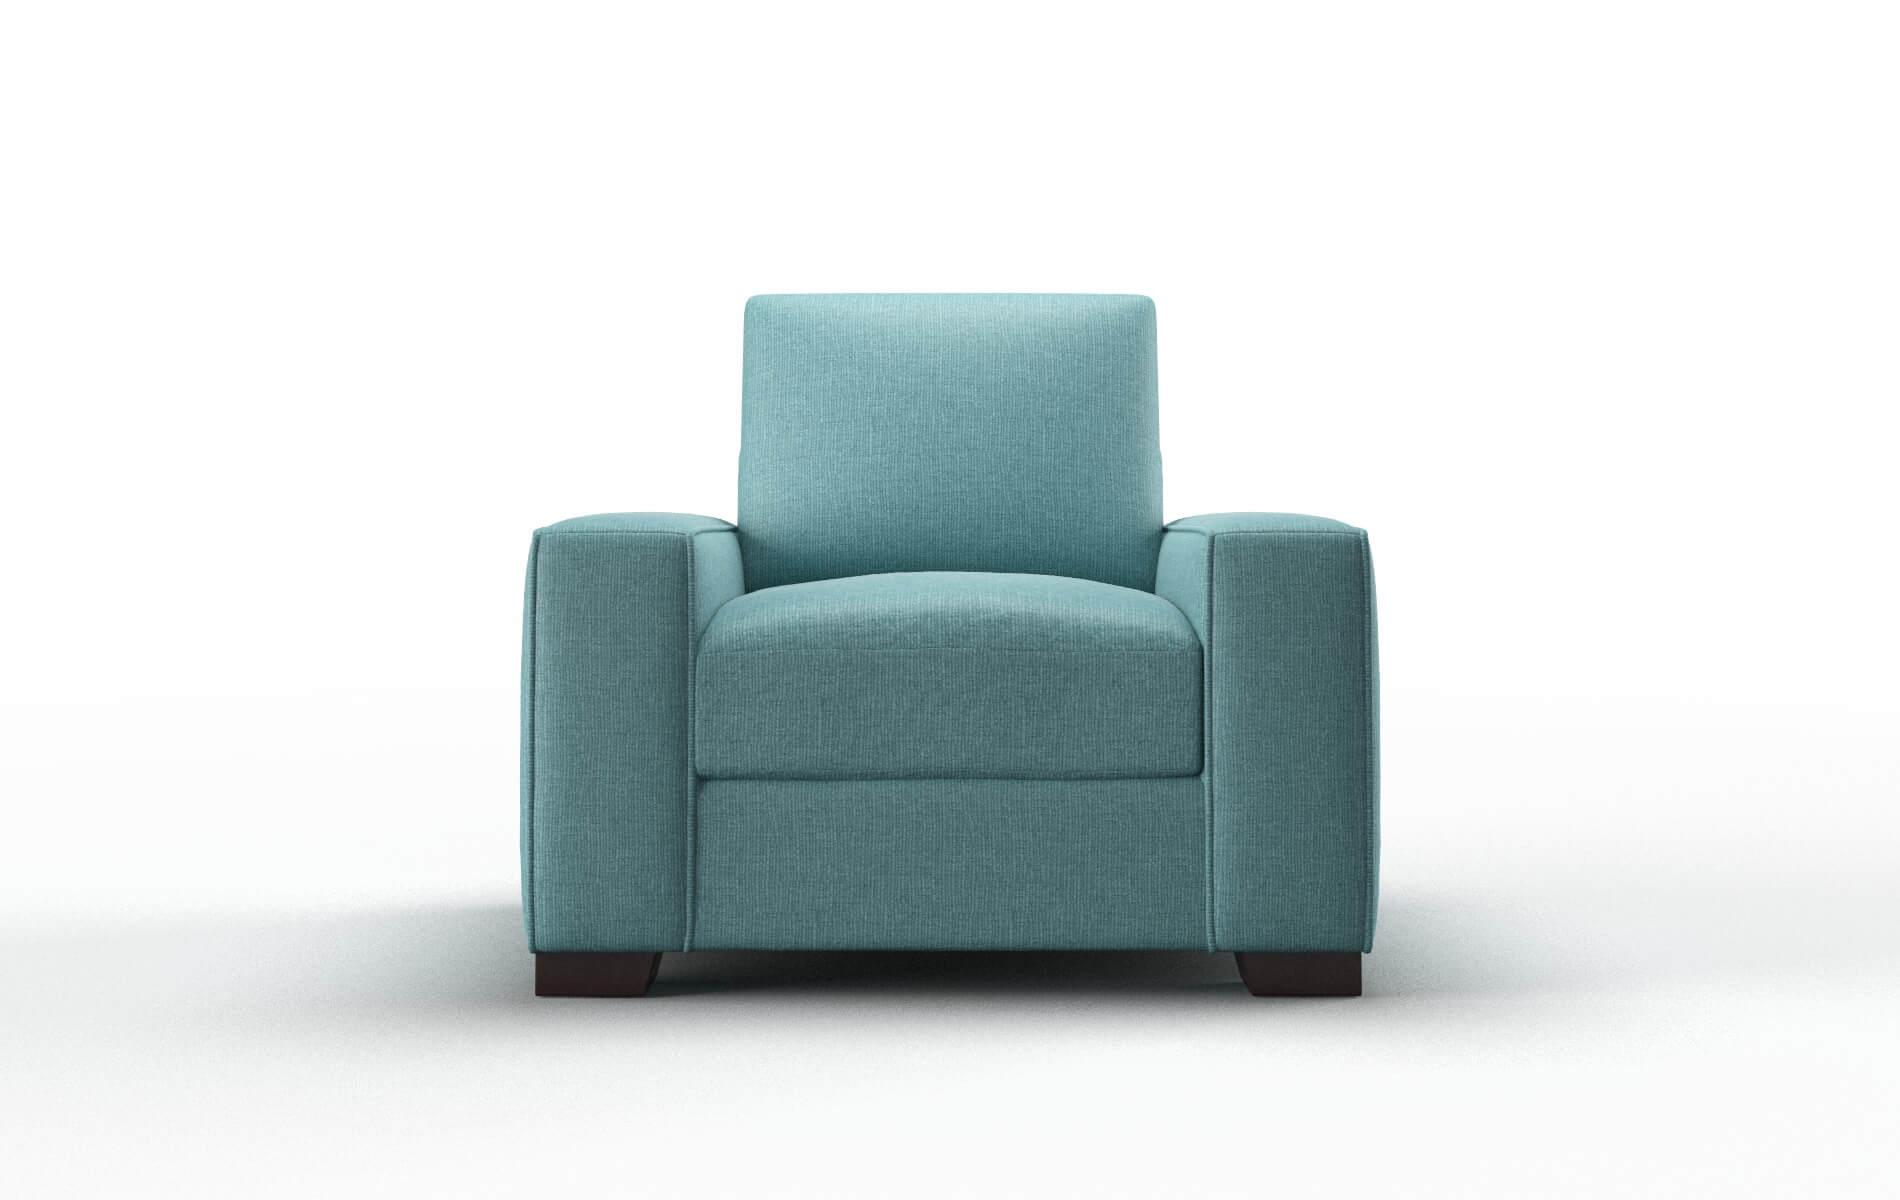 Monaco Parker Turquoise Chair espresso legs 1